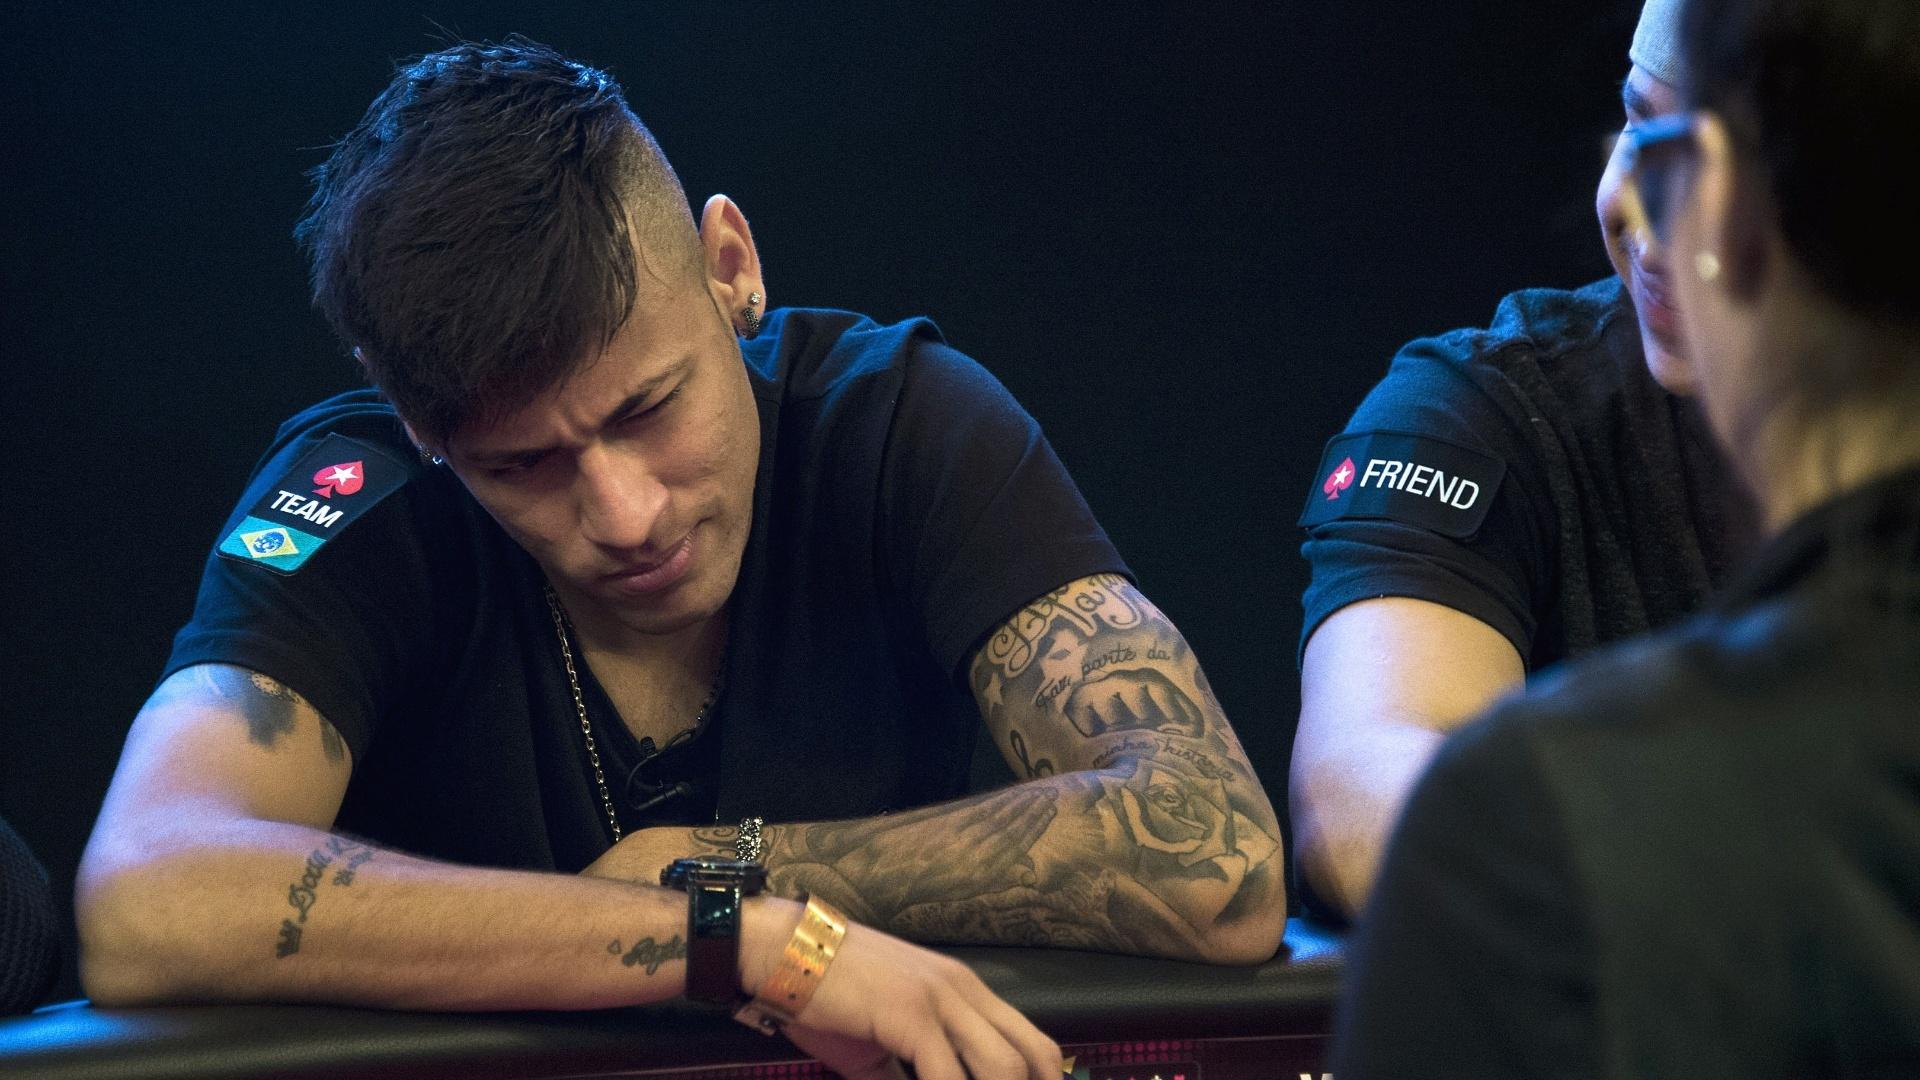 Em fim de férias no Brasil, Neymar participou de evento beneficente de pôquer em São Paulo